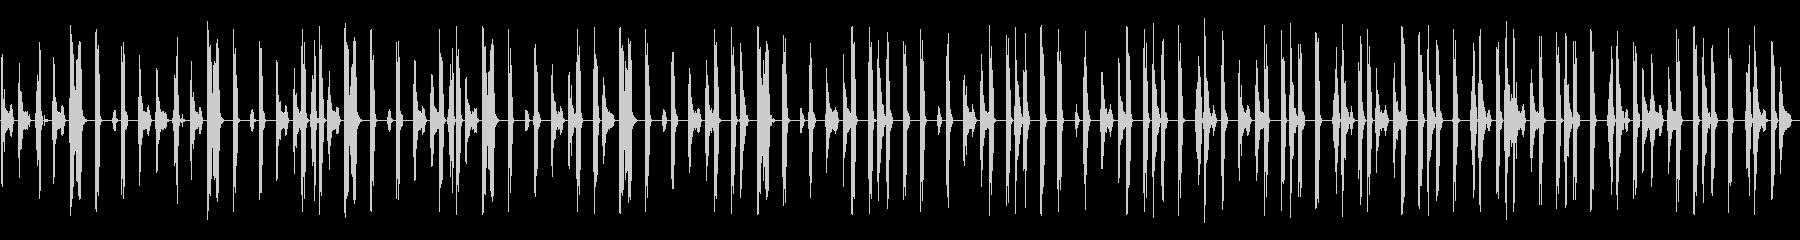 ビッグマウスパーカッションバリエー...の未再生の波形